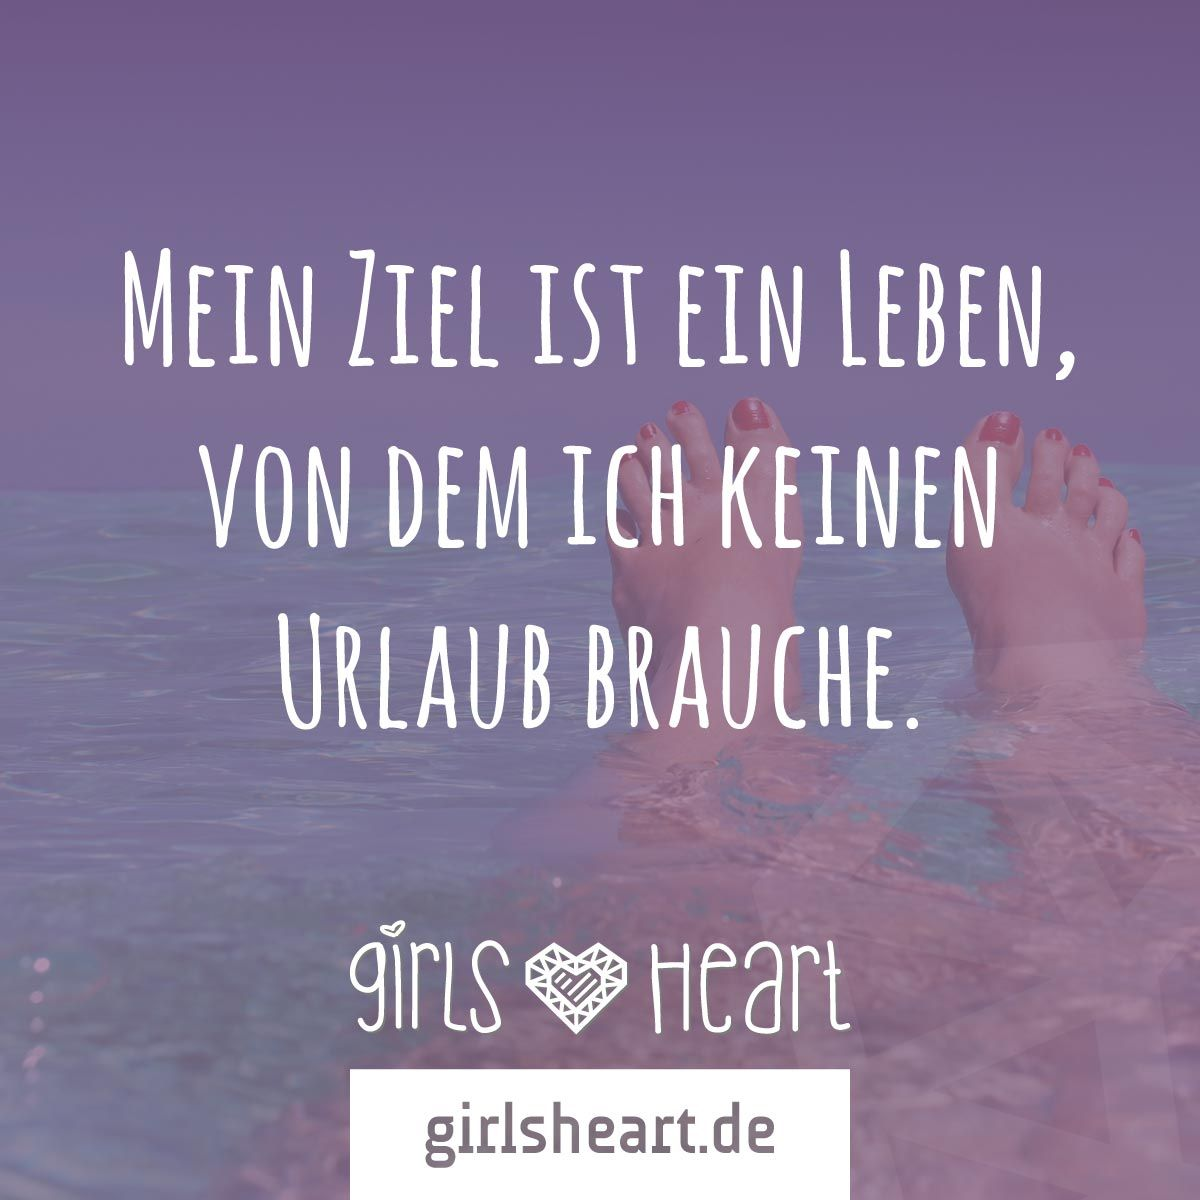 sprüche über leben genießen Mehr Sprüche auf: .girlsheart.de #urlaub #leben #genießen  sprüche über leben genießen